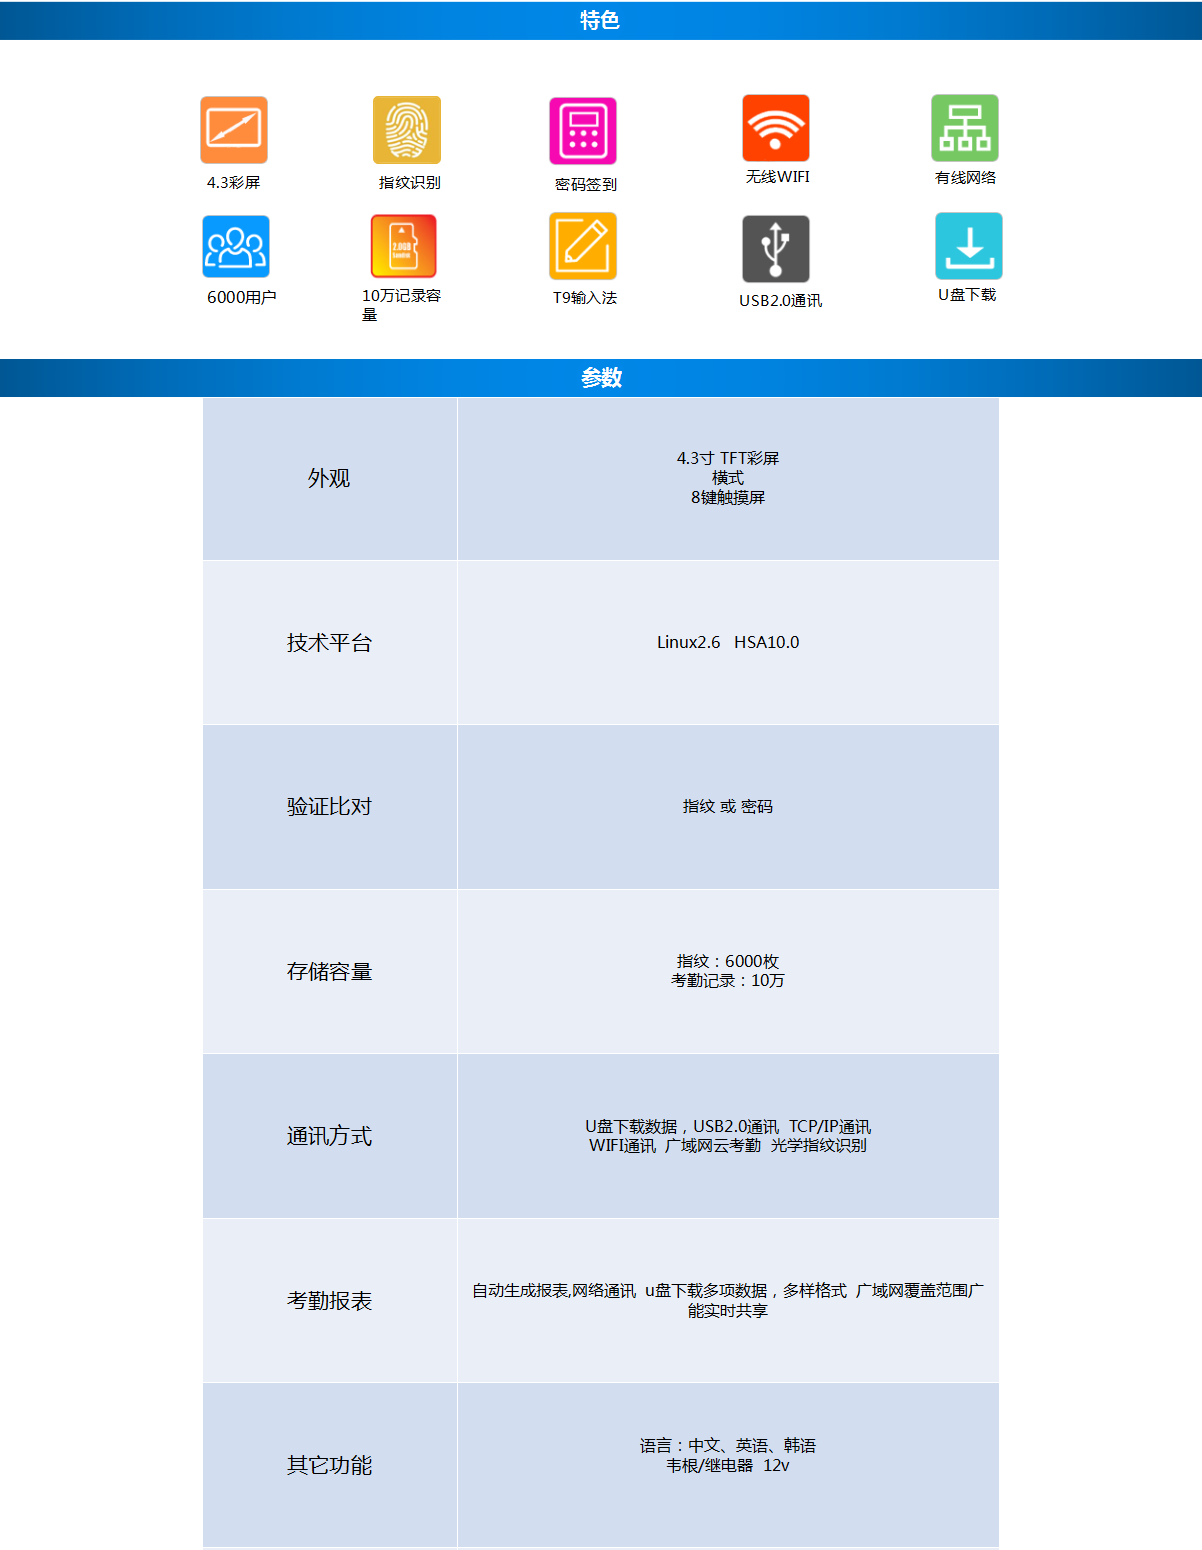 A3官网产品介绍-模板1202-普通品质输出_01.png